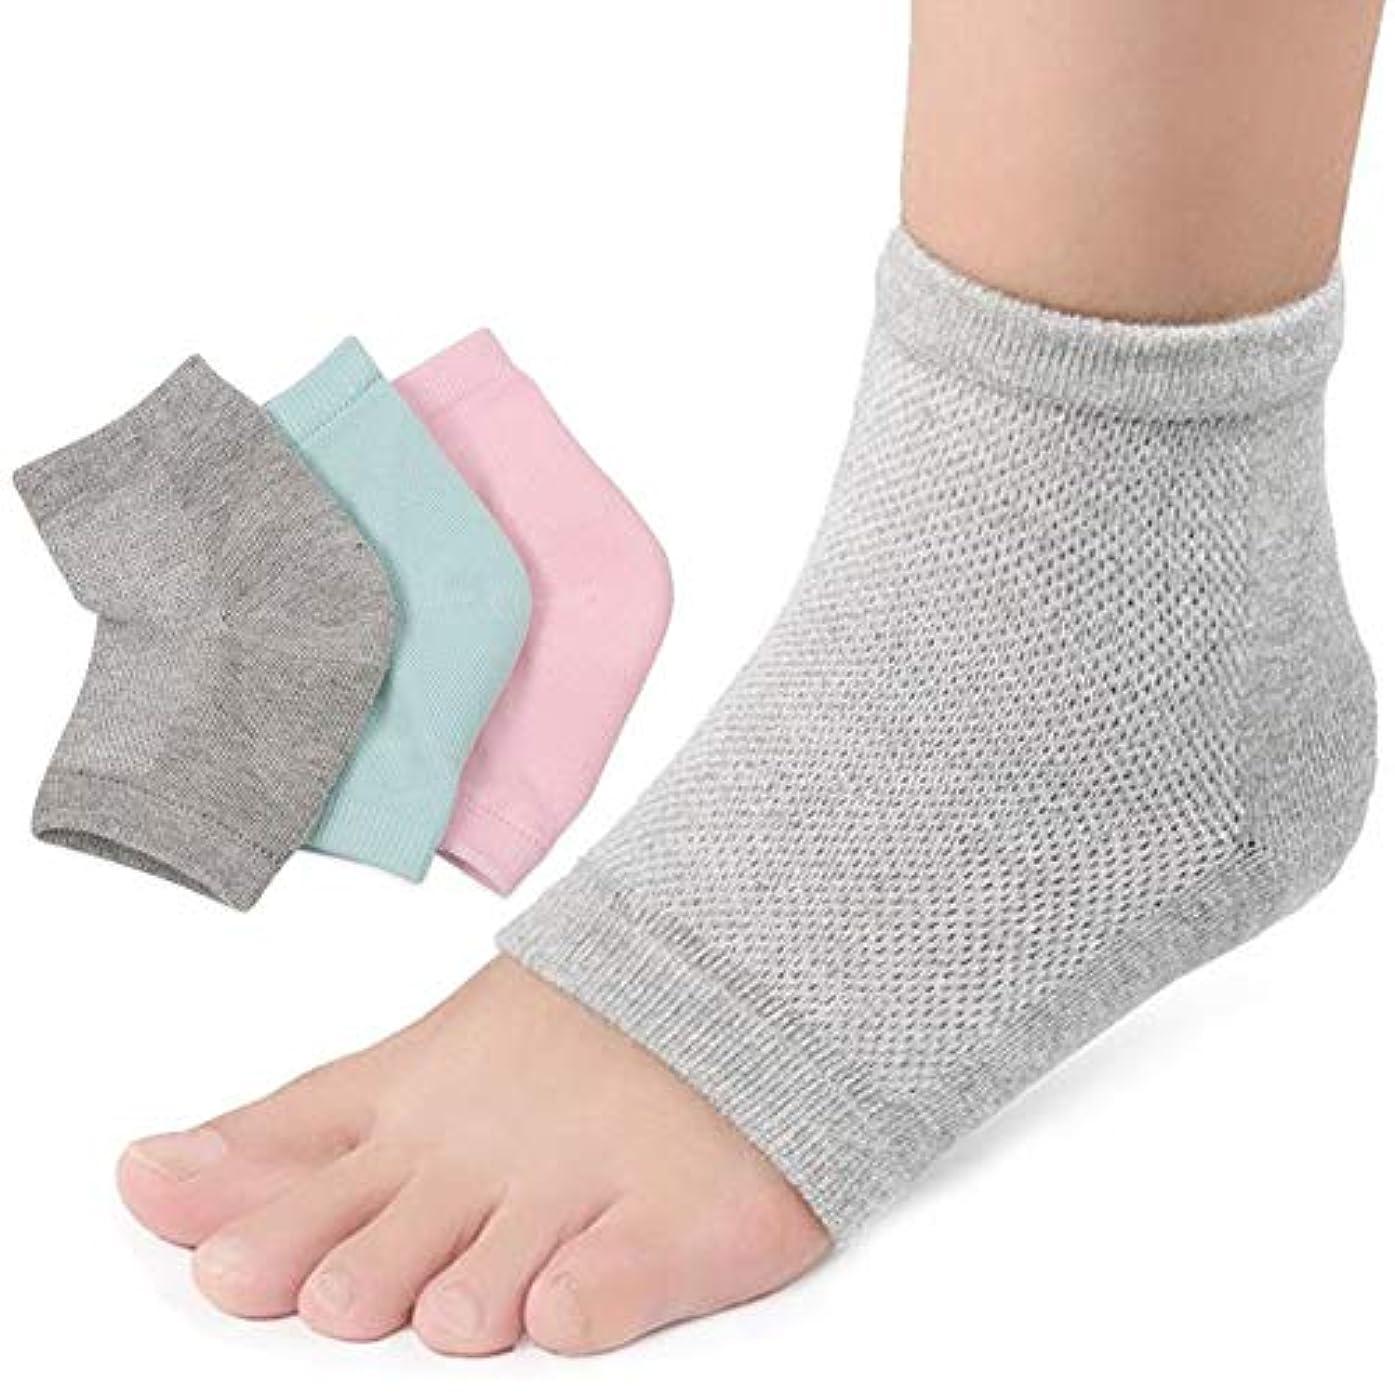 残るコンピューター官僚3足セットかかと 靴下 かかとケア つるつる ジェル 靴下 角質 ケア 保湿 美容 角質除去足ケア 男女兼用